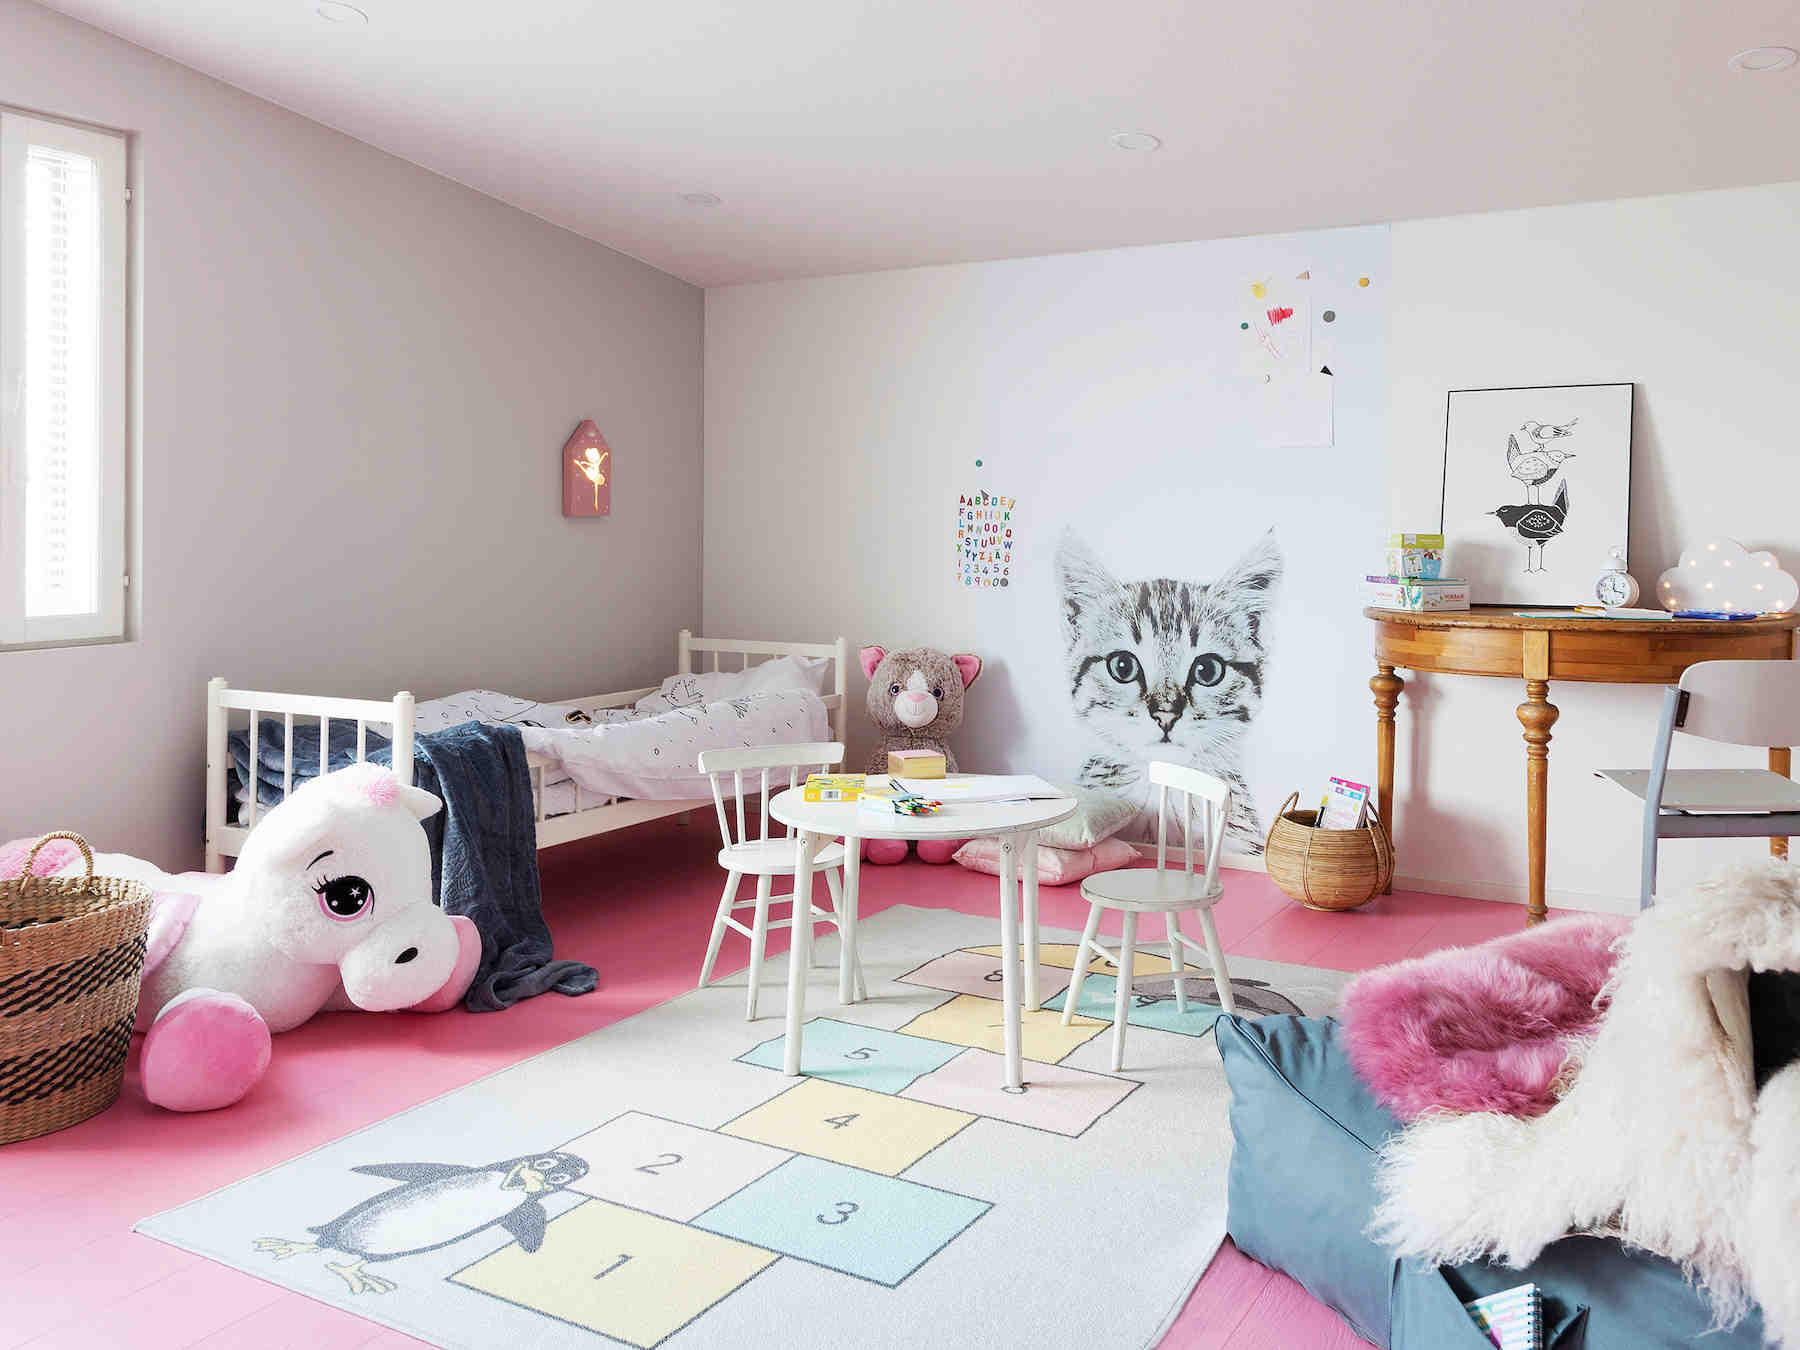 Väikese tüdruku tuba. Foto: elamumess Soomes Poris 2018